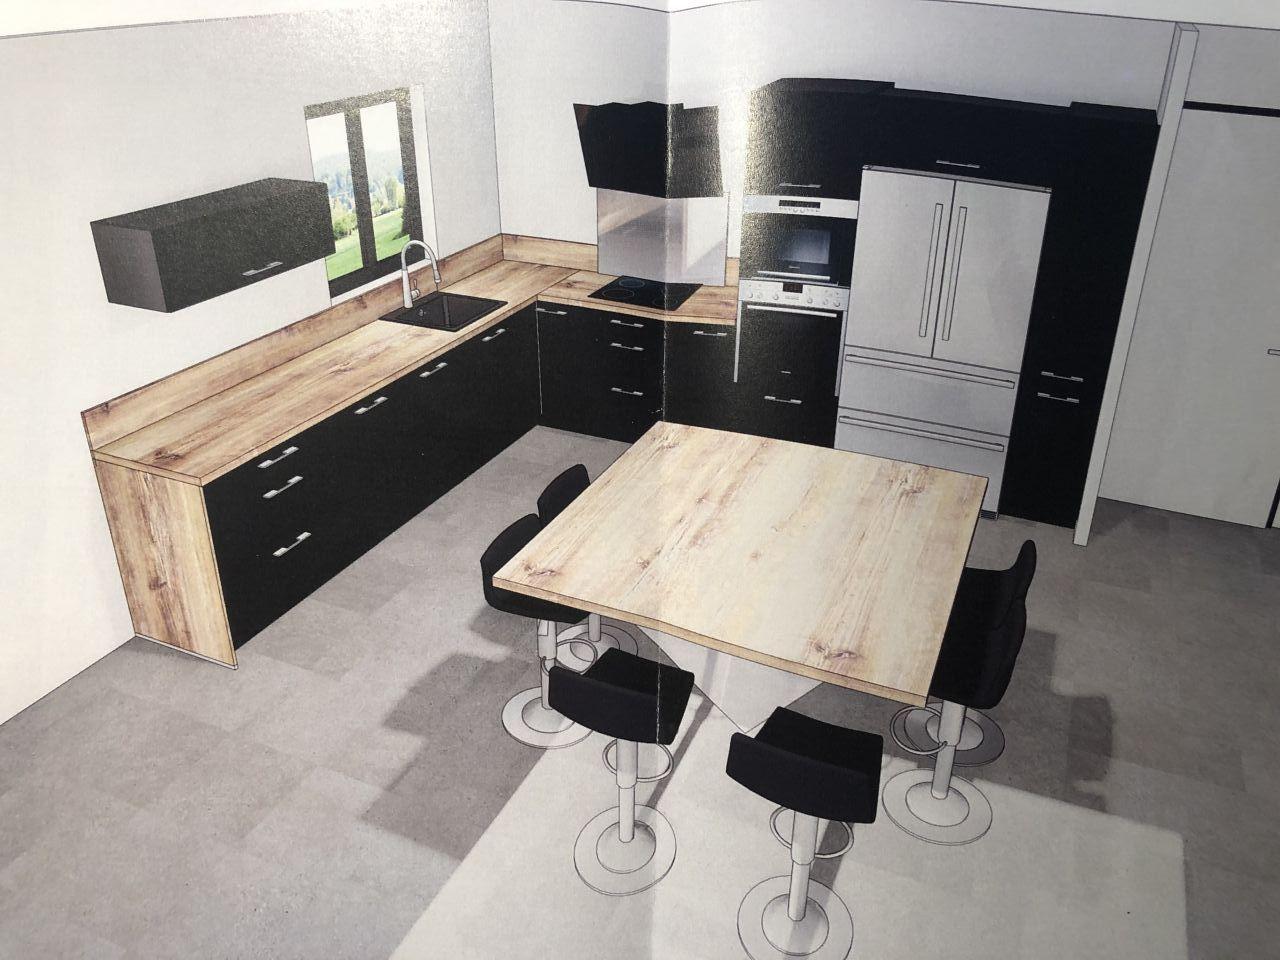 Voilà à quoi ressemblera notre cuisine <br /> Façade noire mat, touché velours modèle Vogue